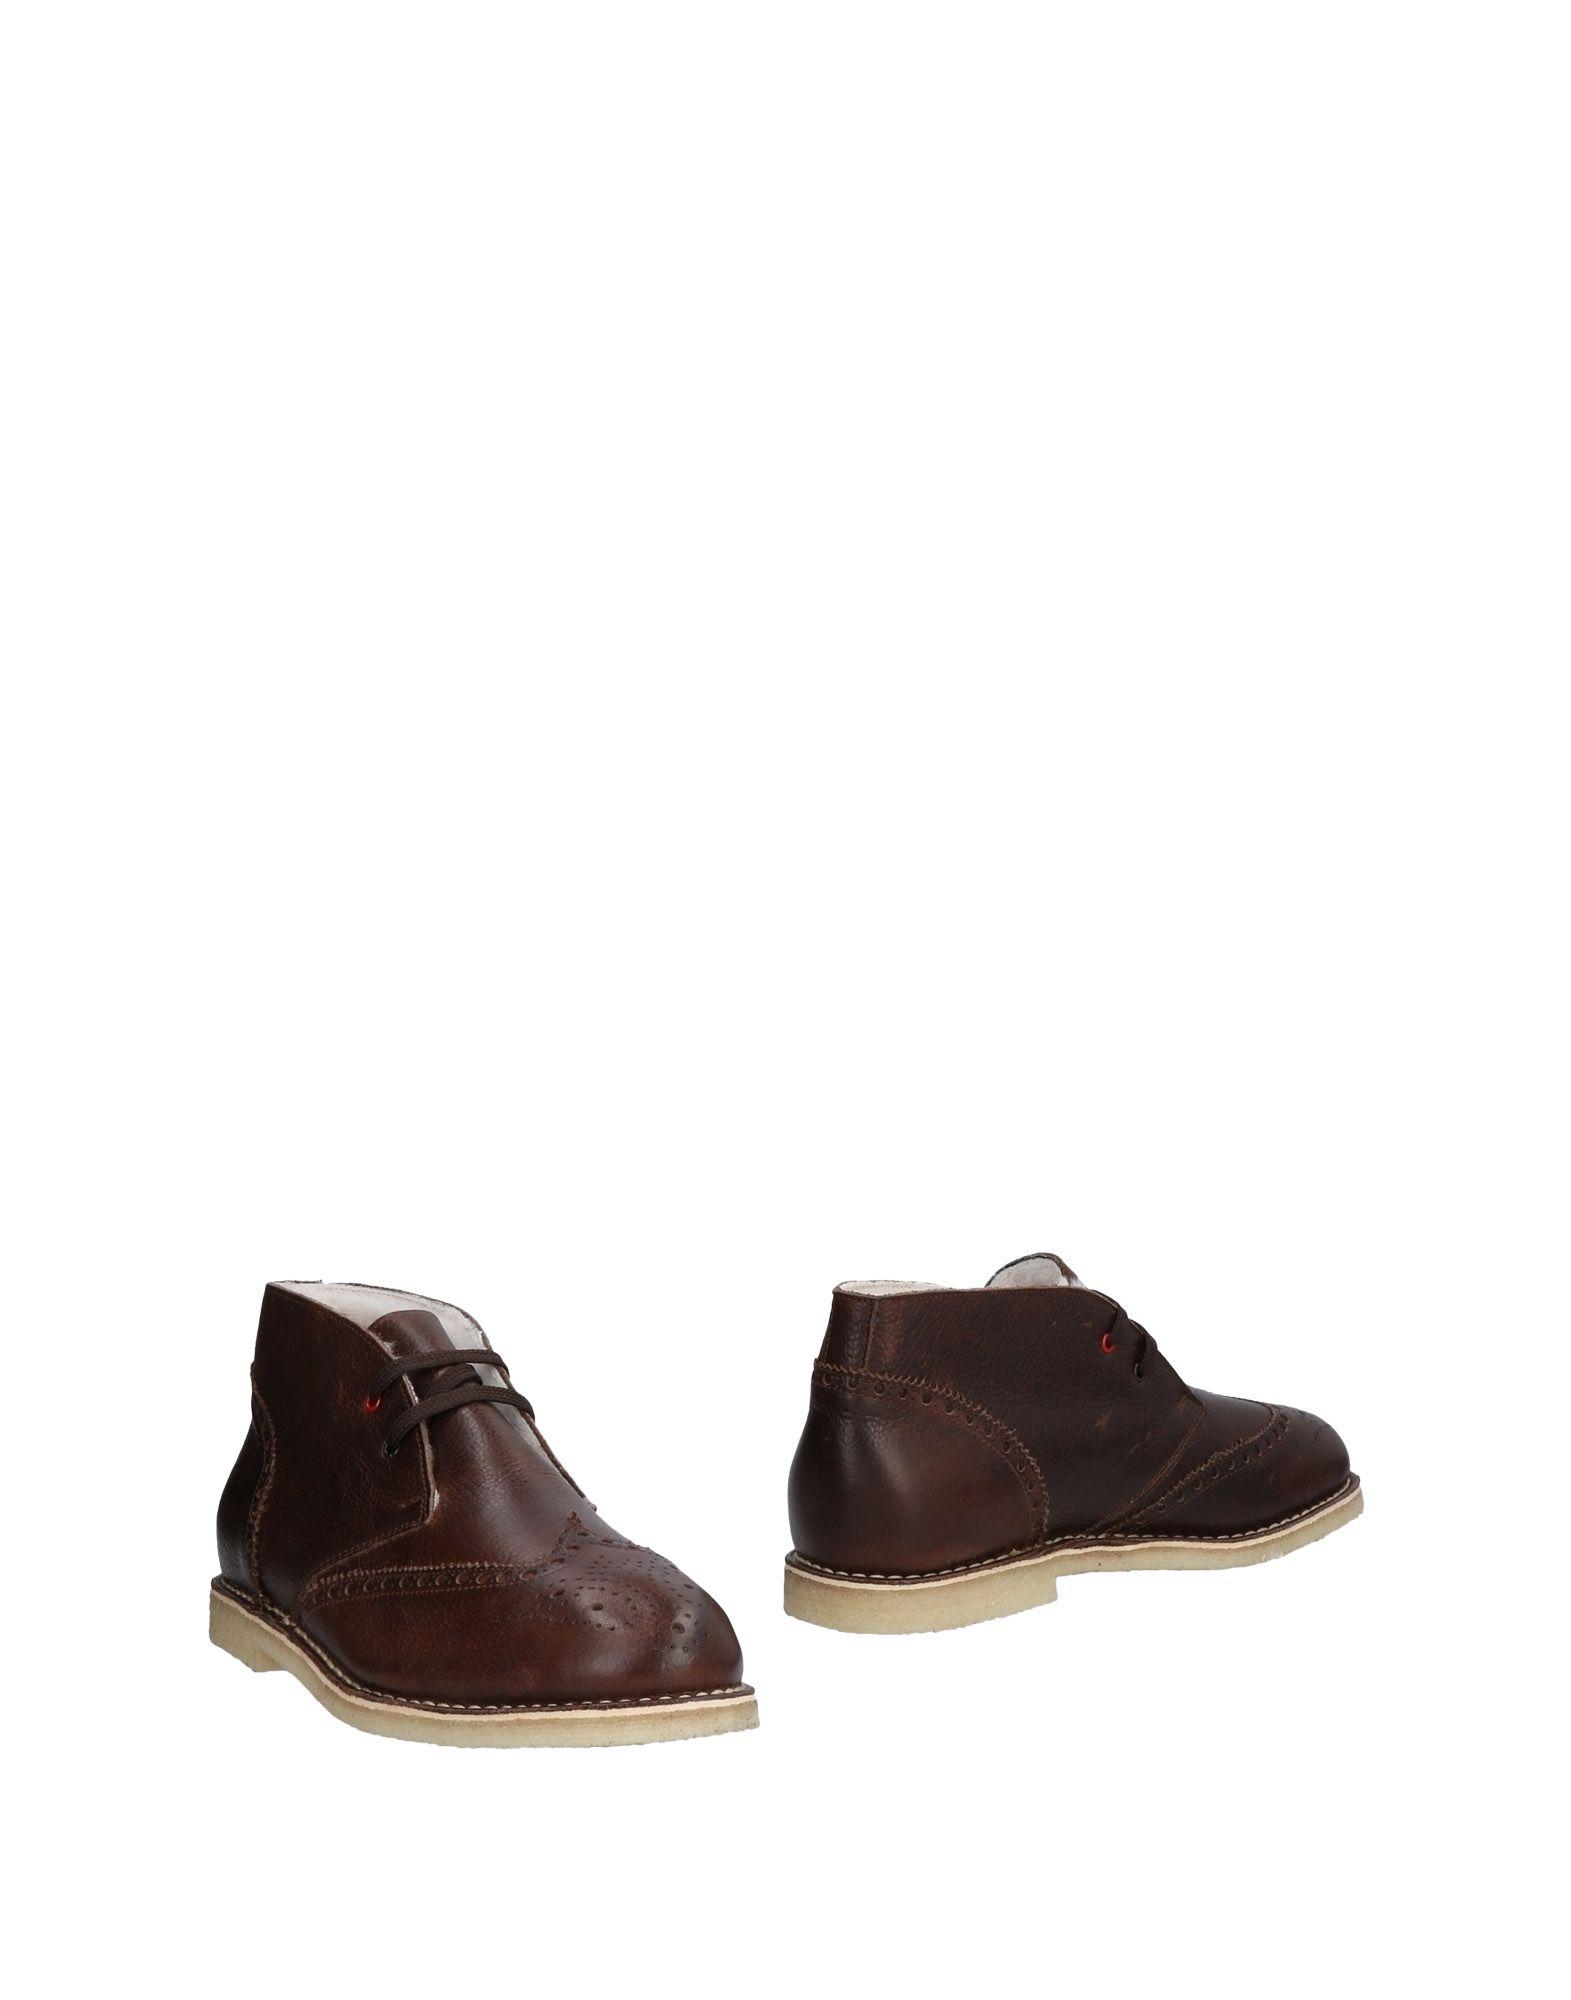 Passion Blanche Stiefelette Herren  11462367UV Gute Qualität beliebte Schuhe